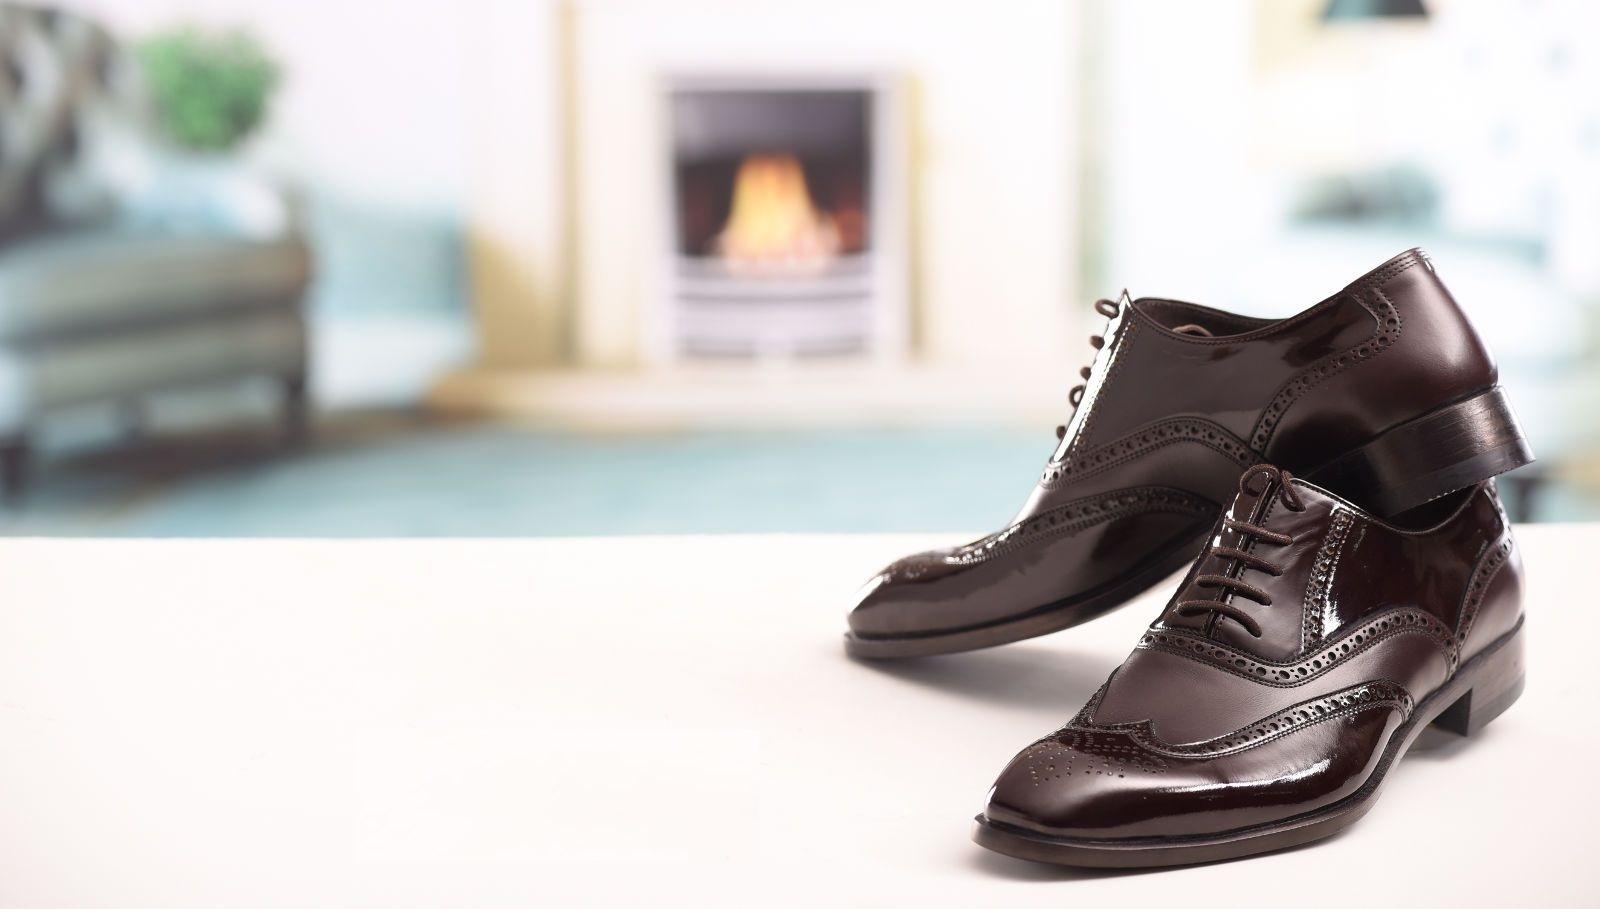 راهنمای خرید کفش سی سی؛ انتخاب کفش مناسب برای پاها